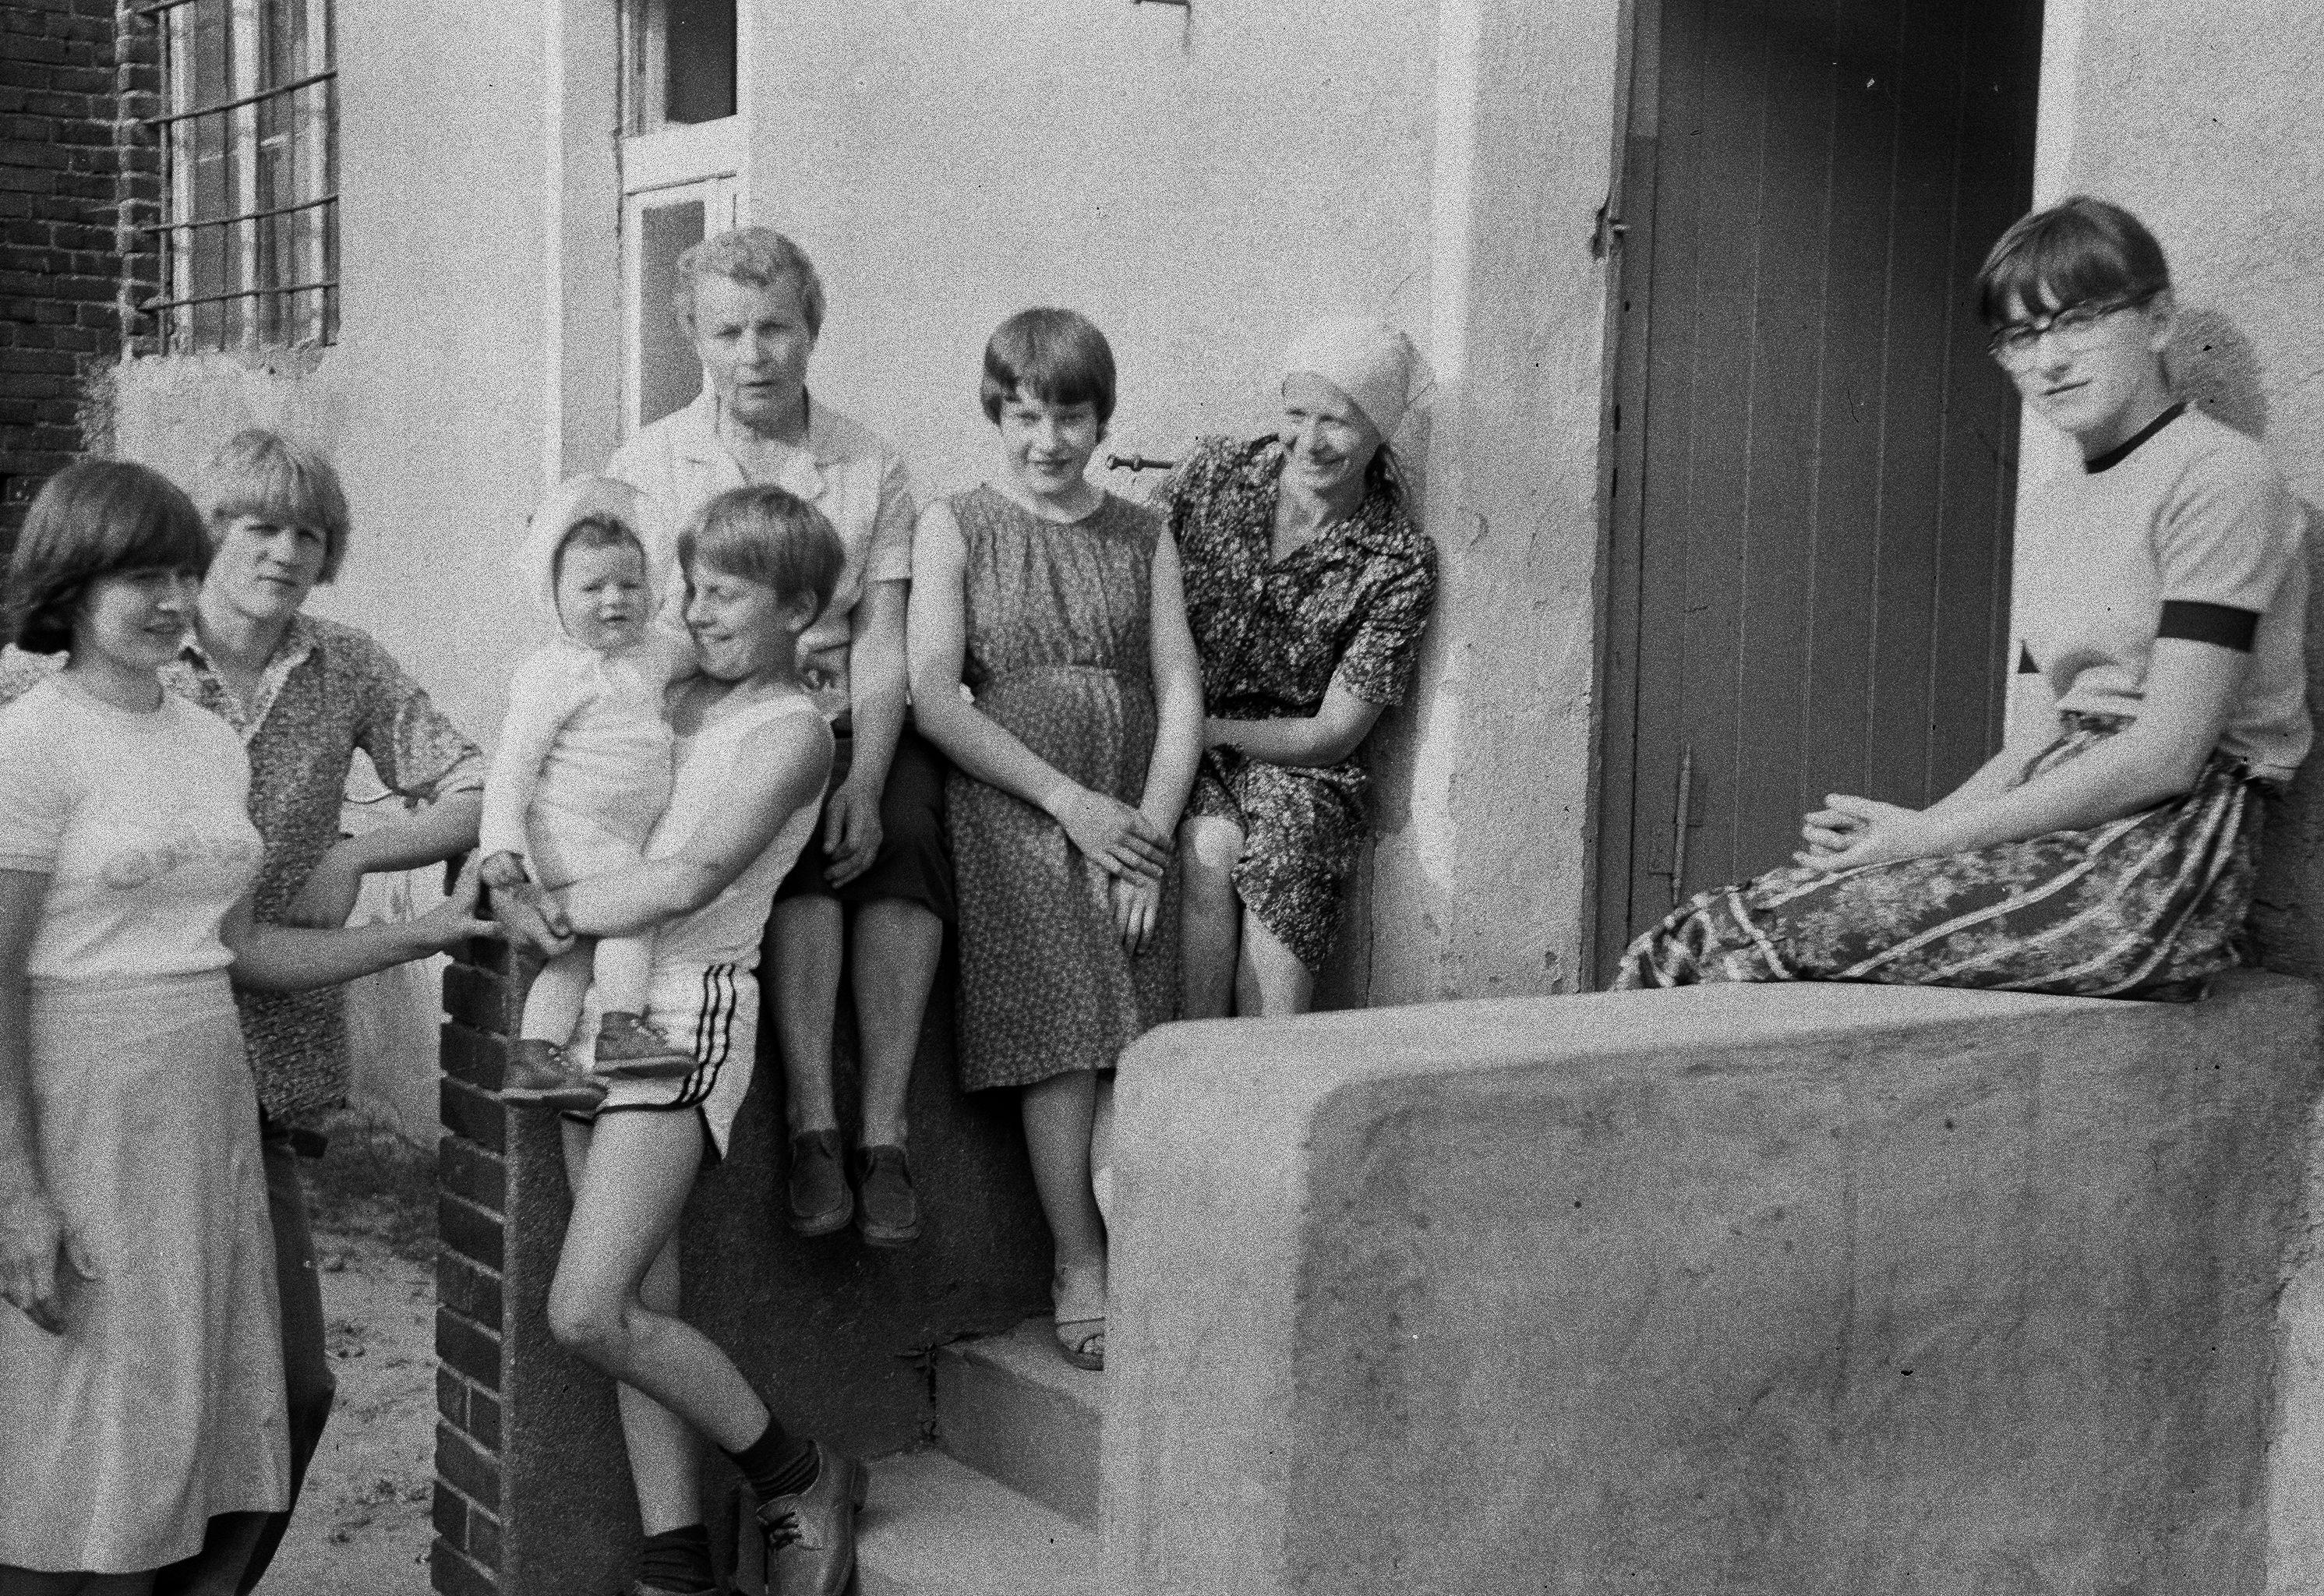 Rodzina Czyżowiczów z Panią Kępczyńską, Brzózka, Dolny Śląsk, lata 80. XX w.